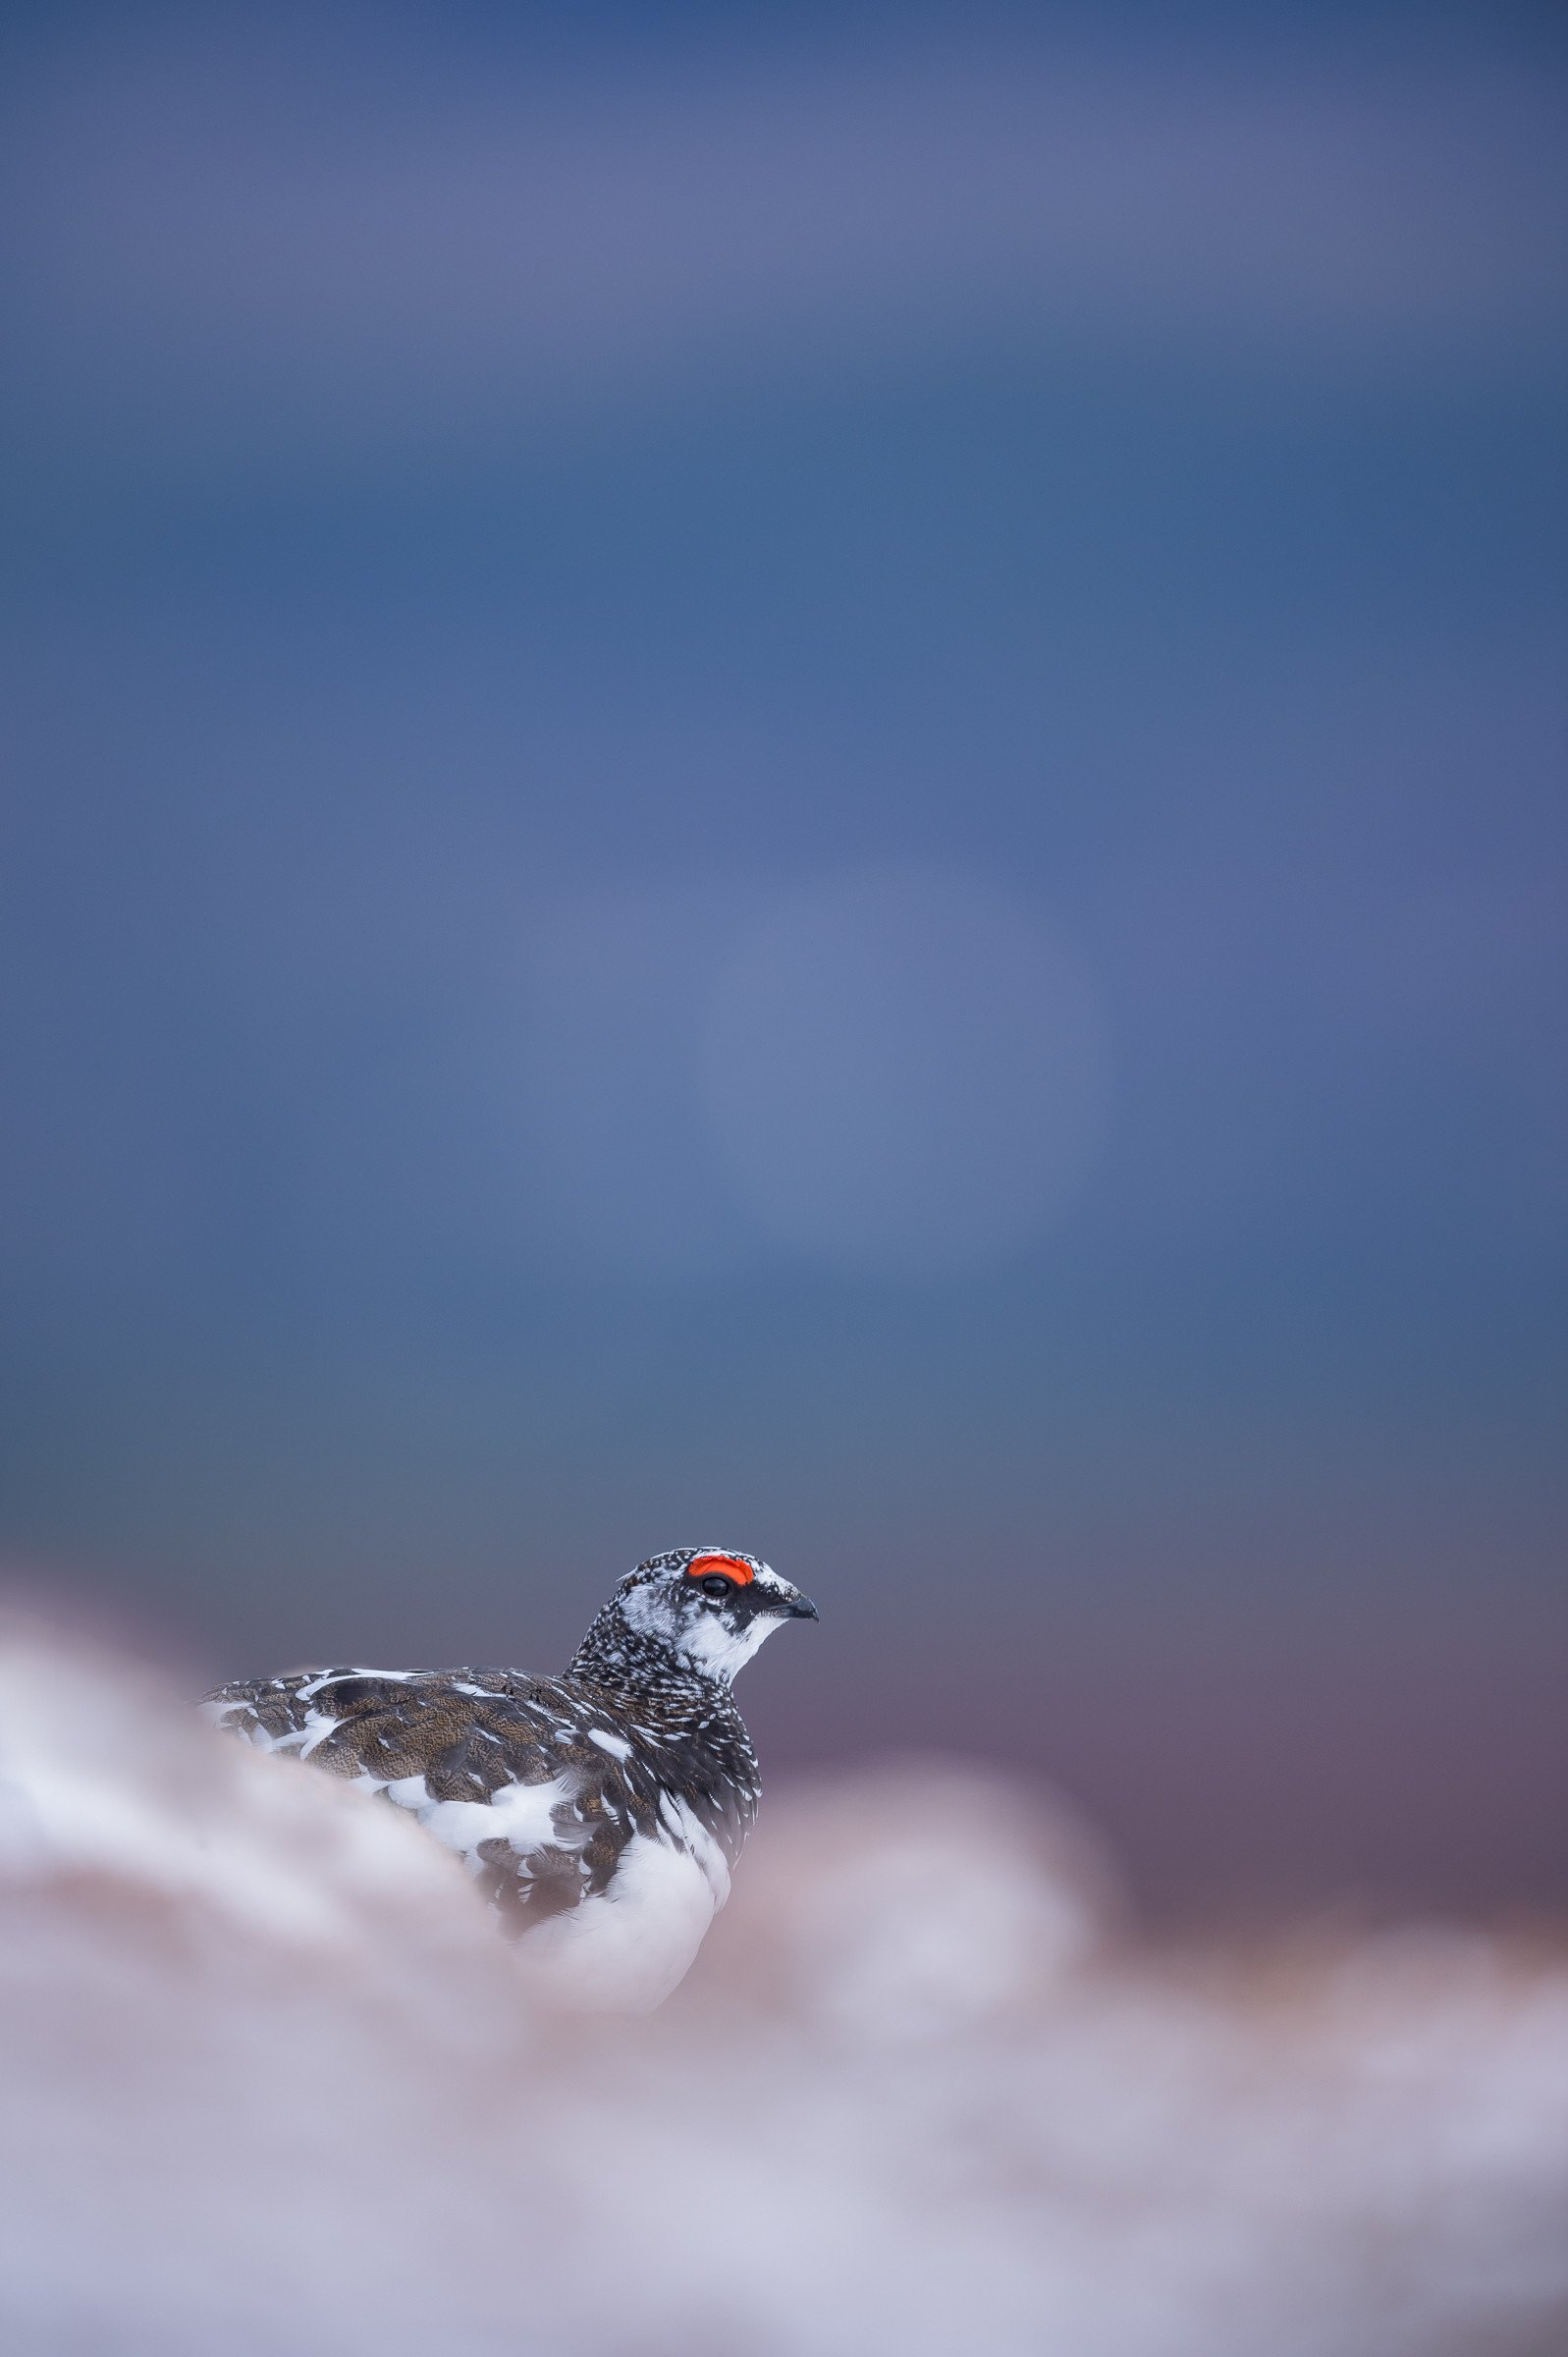 vogels veengebied 3045